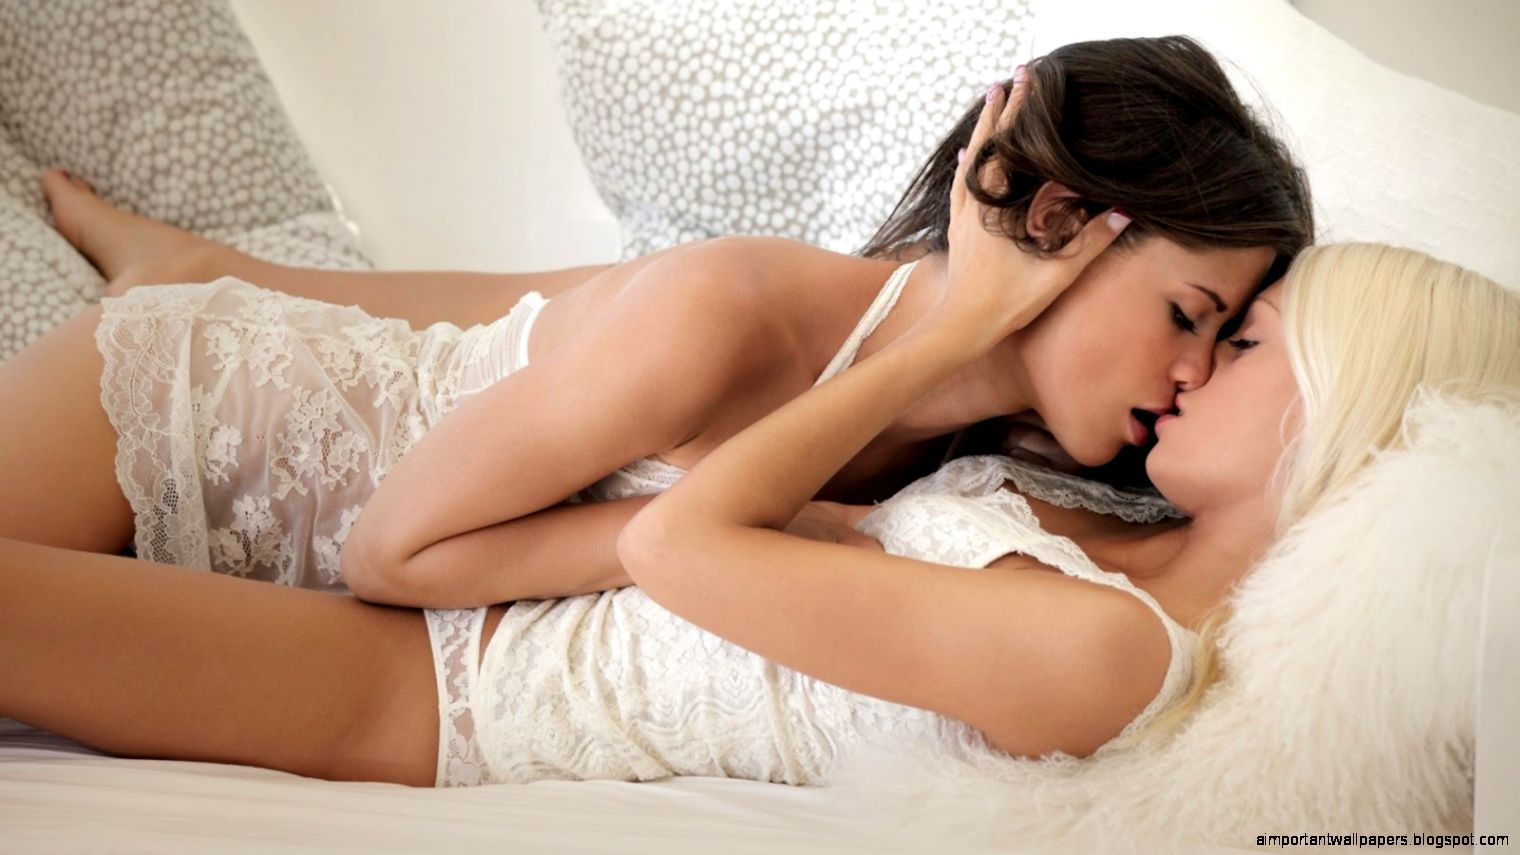 Beautiful naked women you can wank at